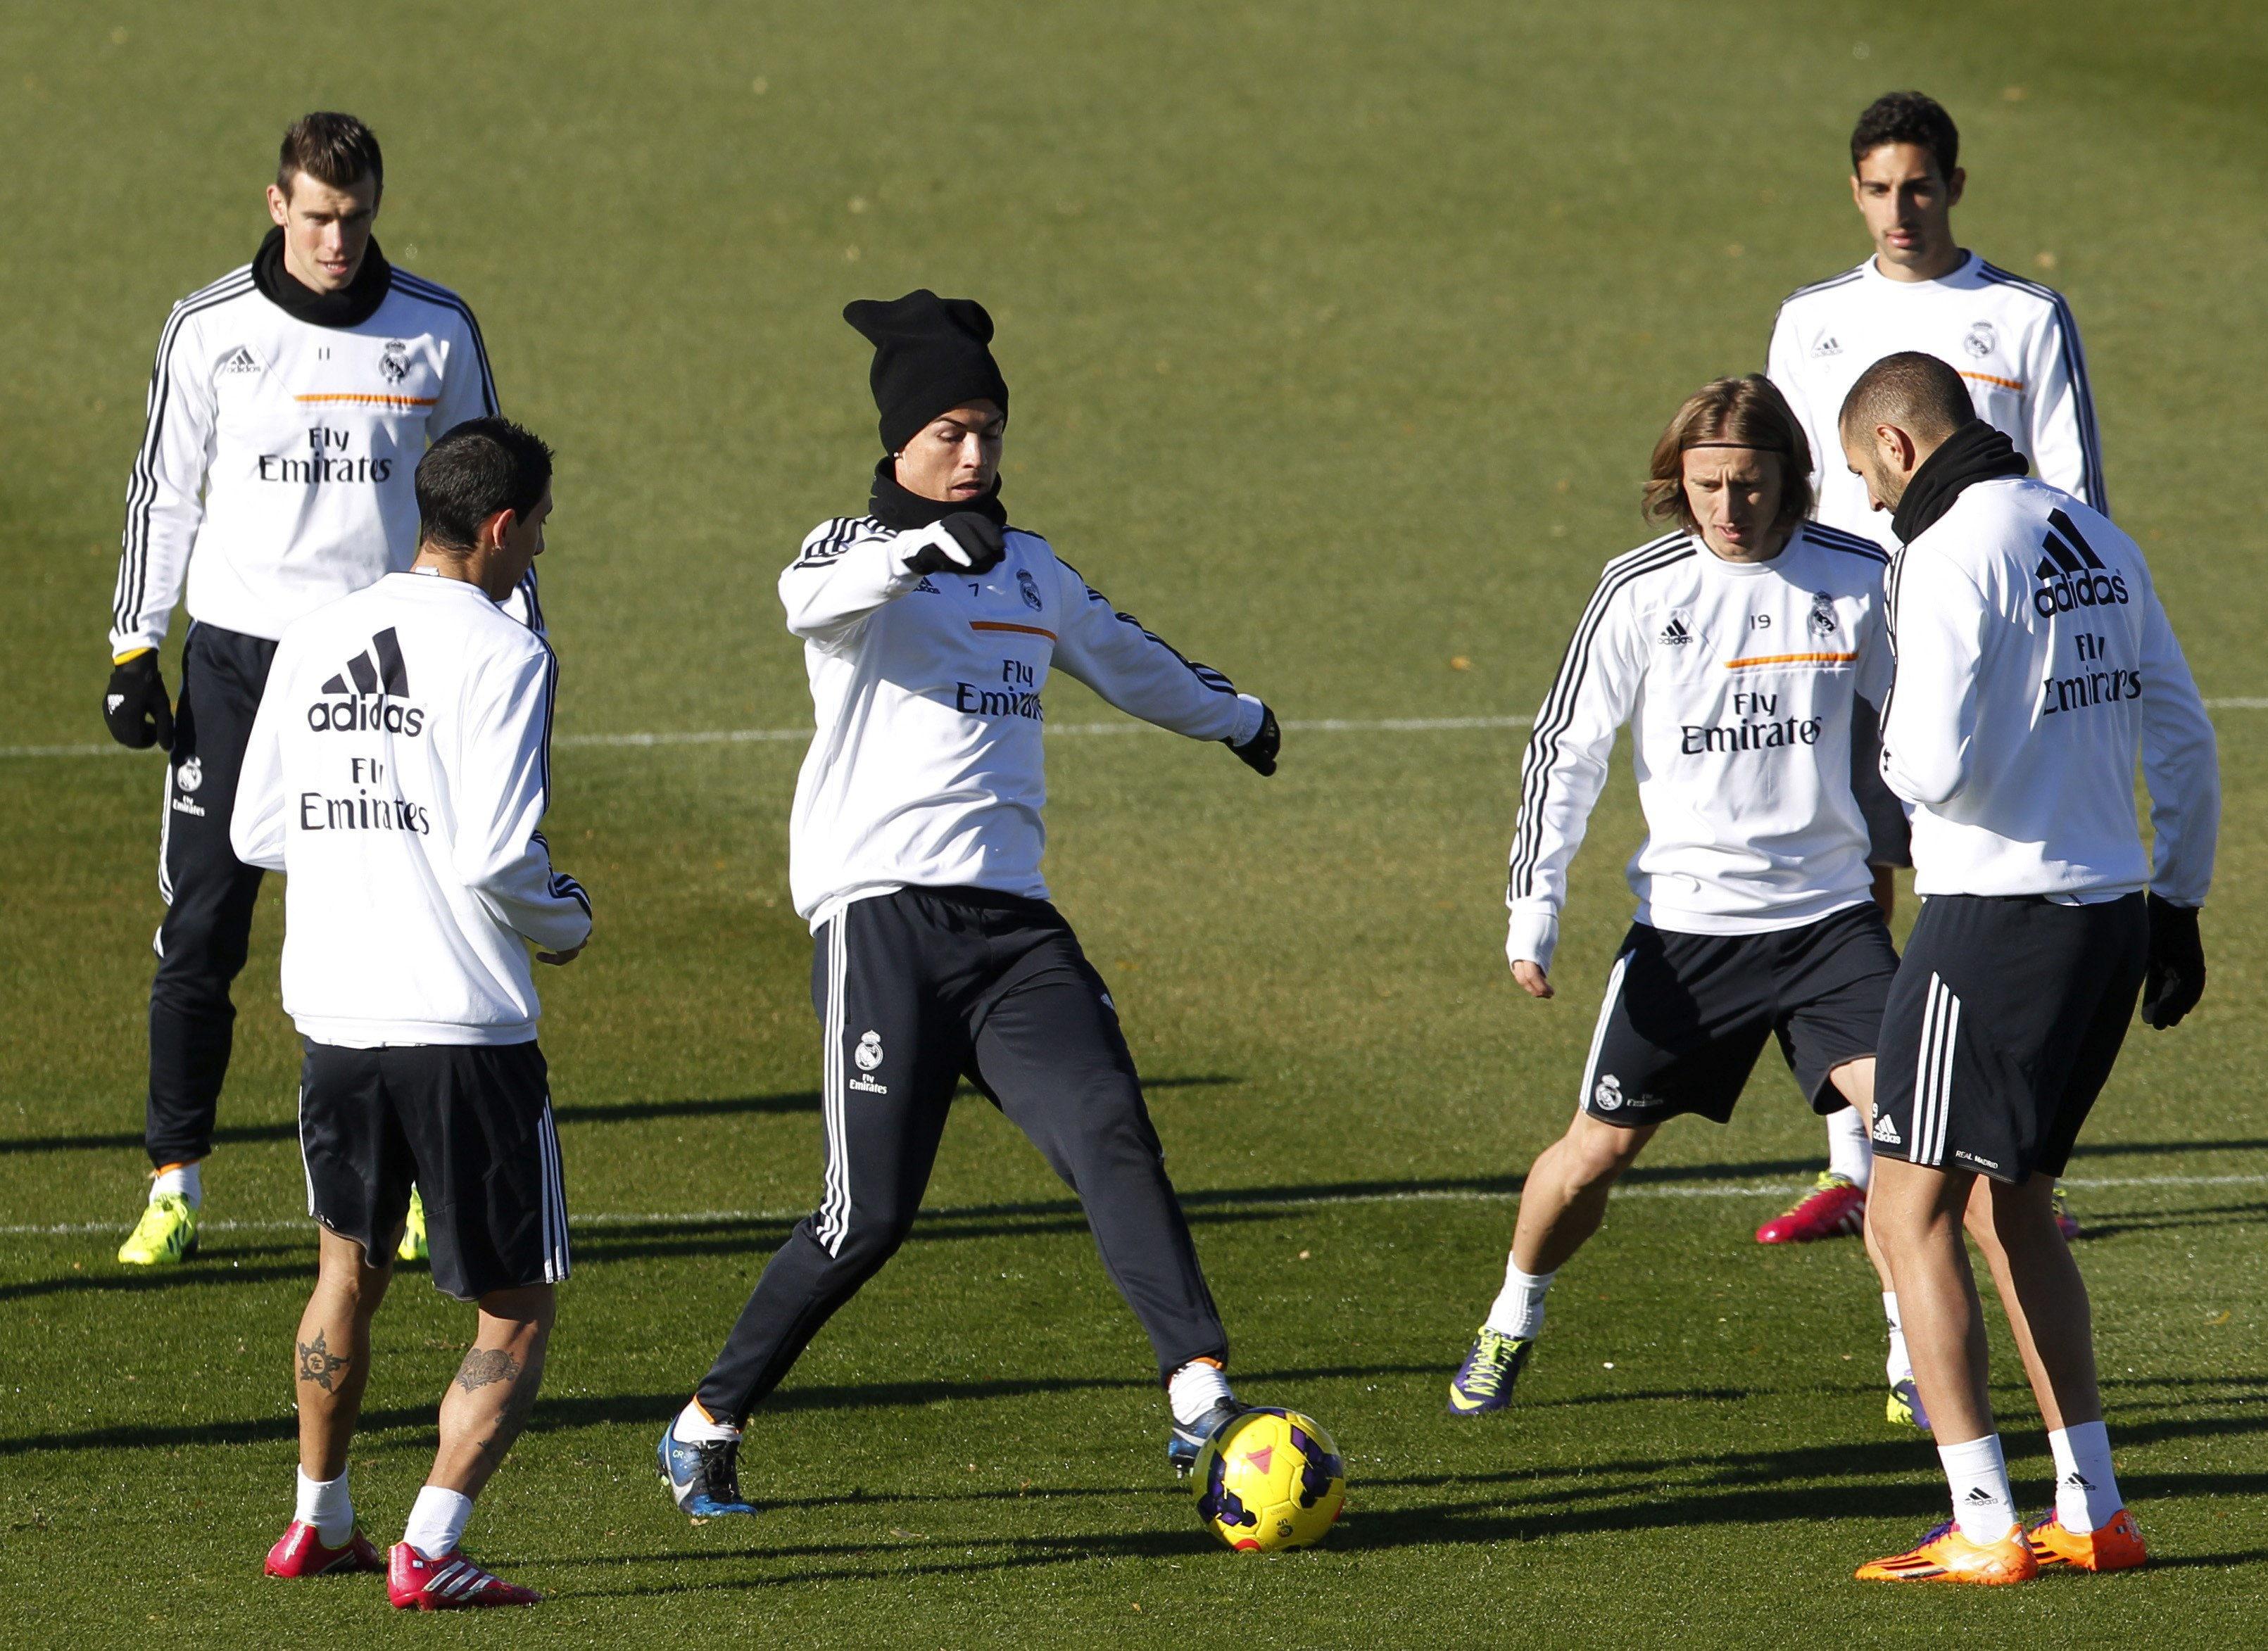 Luka Modric mejora los números de Sami Khedira